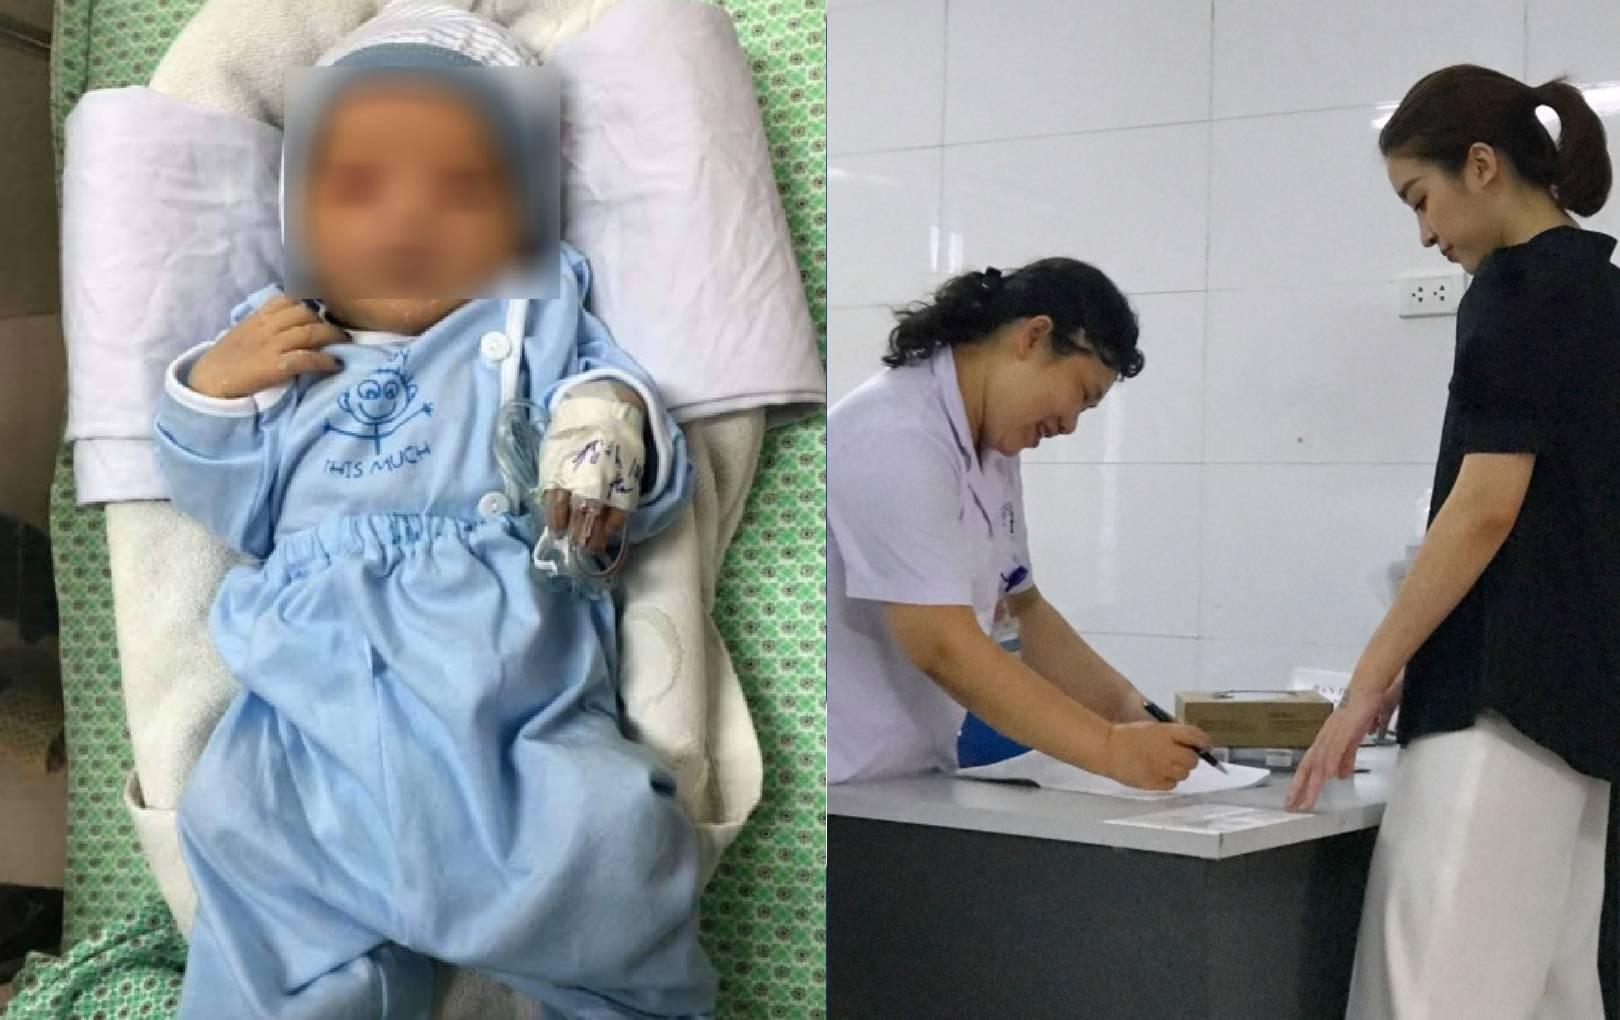 Đỗ Mỹ Linh đến bệnh viện hỗ trợ chi phí cho bé sơ sinh bị bỏ rơi ở hố gas giữa trời 40 độ